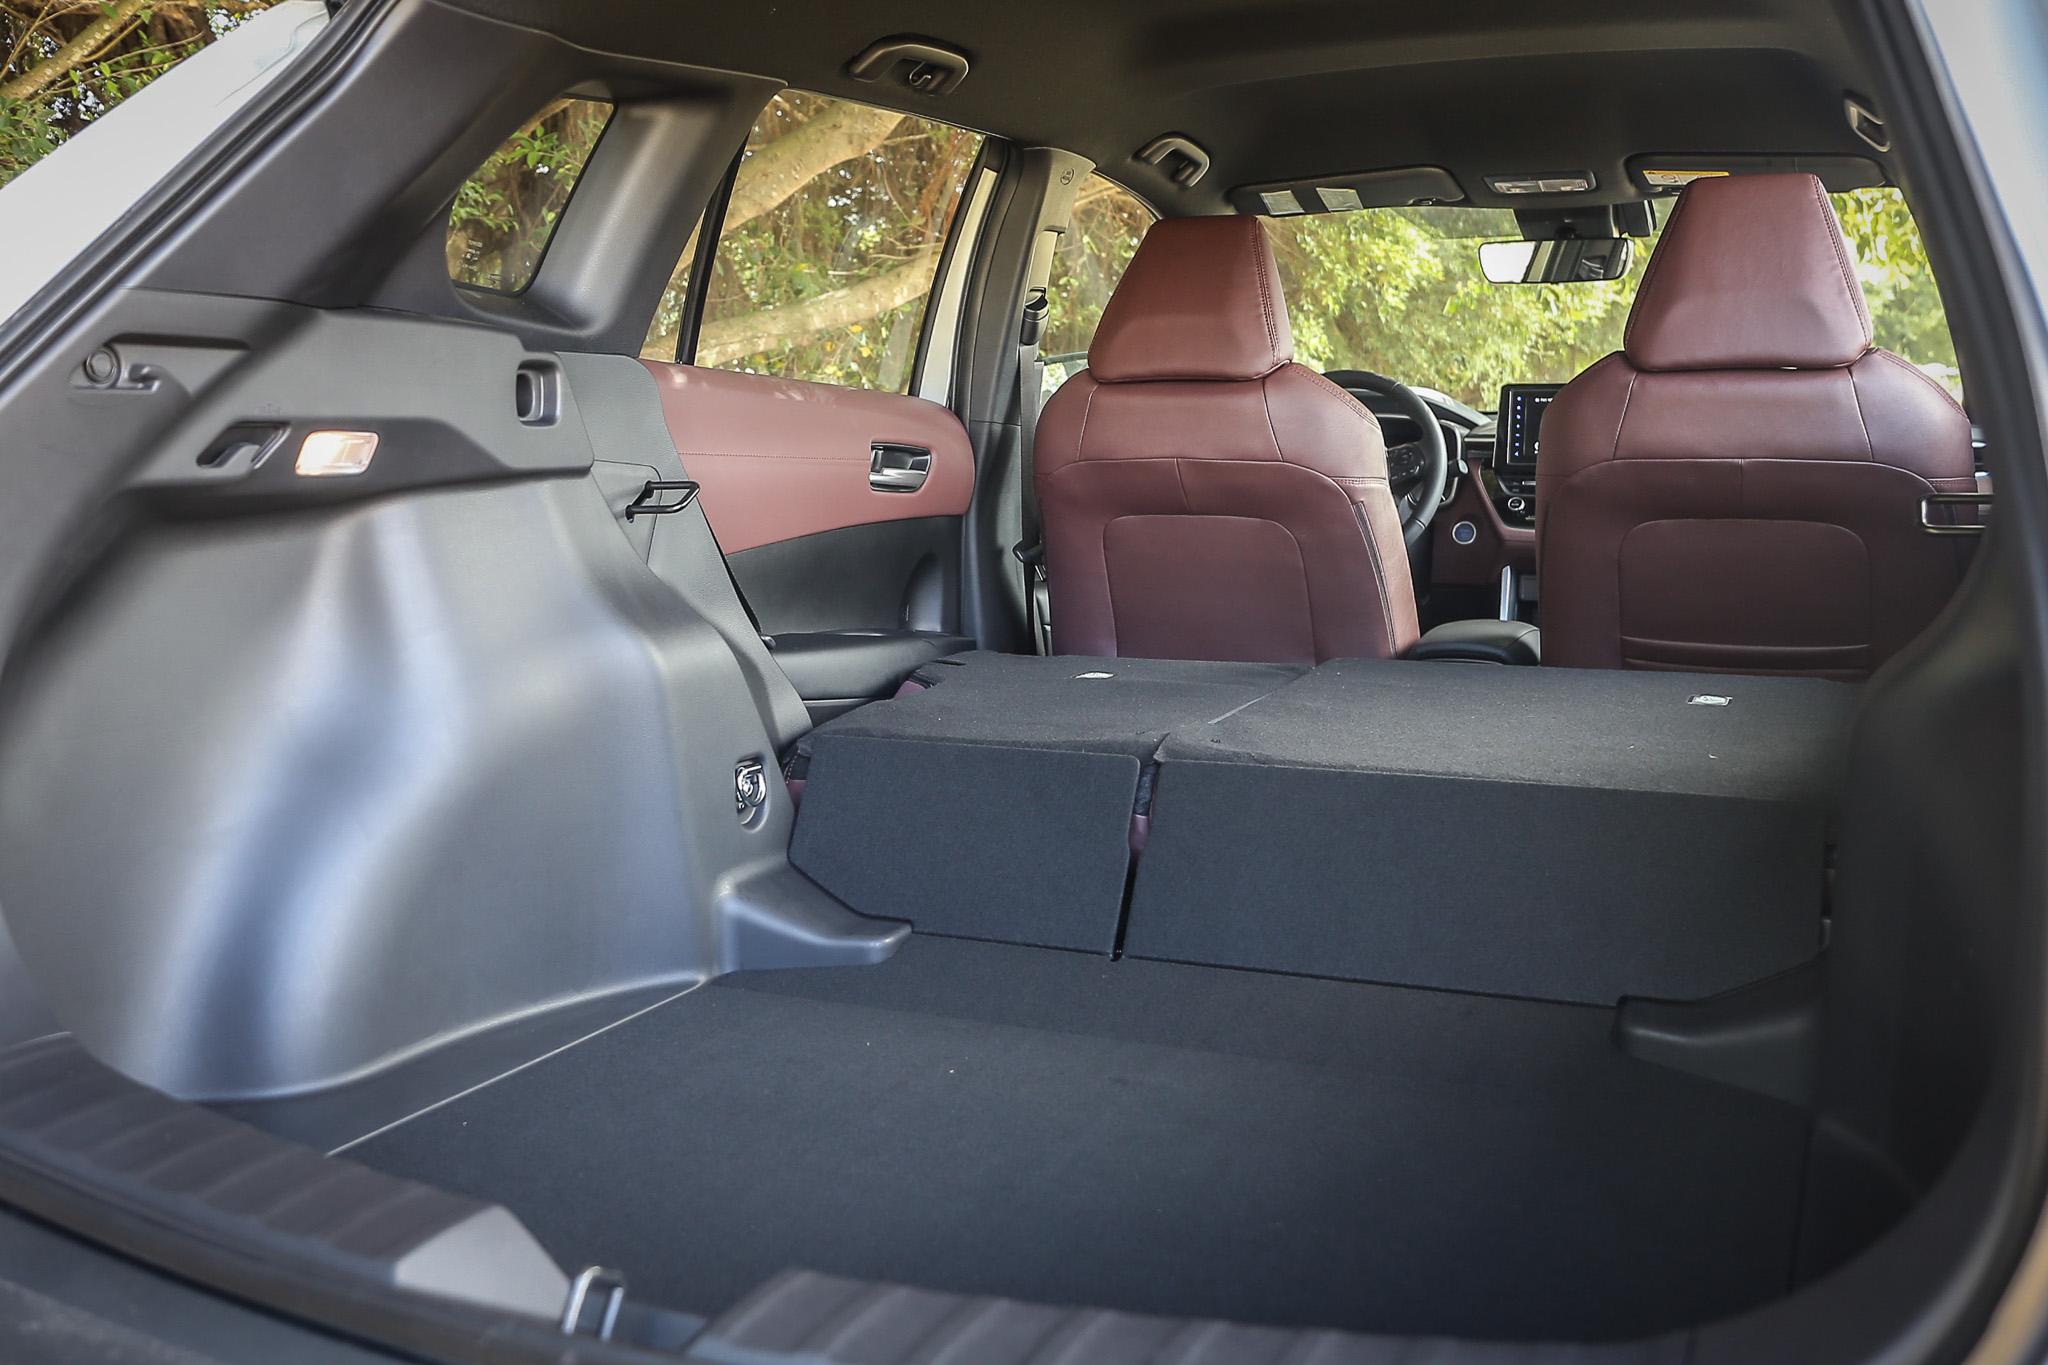 由於捨棄備胎空間,因此當後座椅背傾倒時,會有如此明顯的平整度落差。